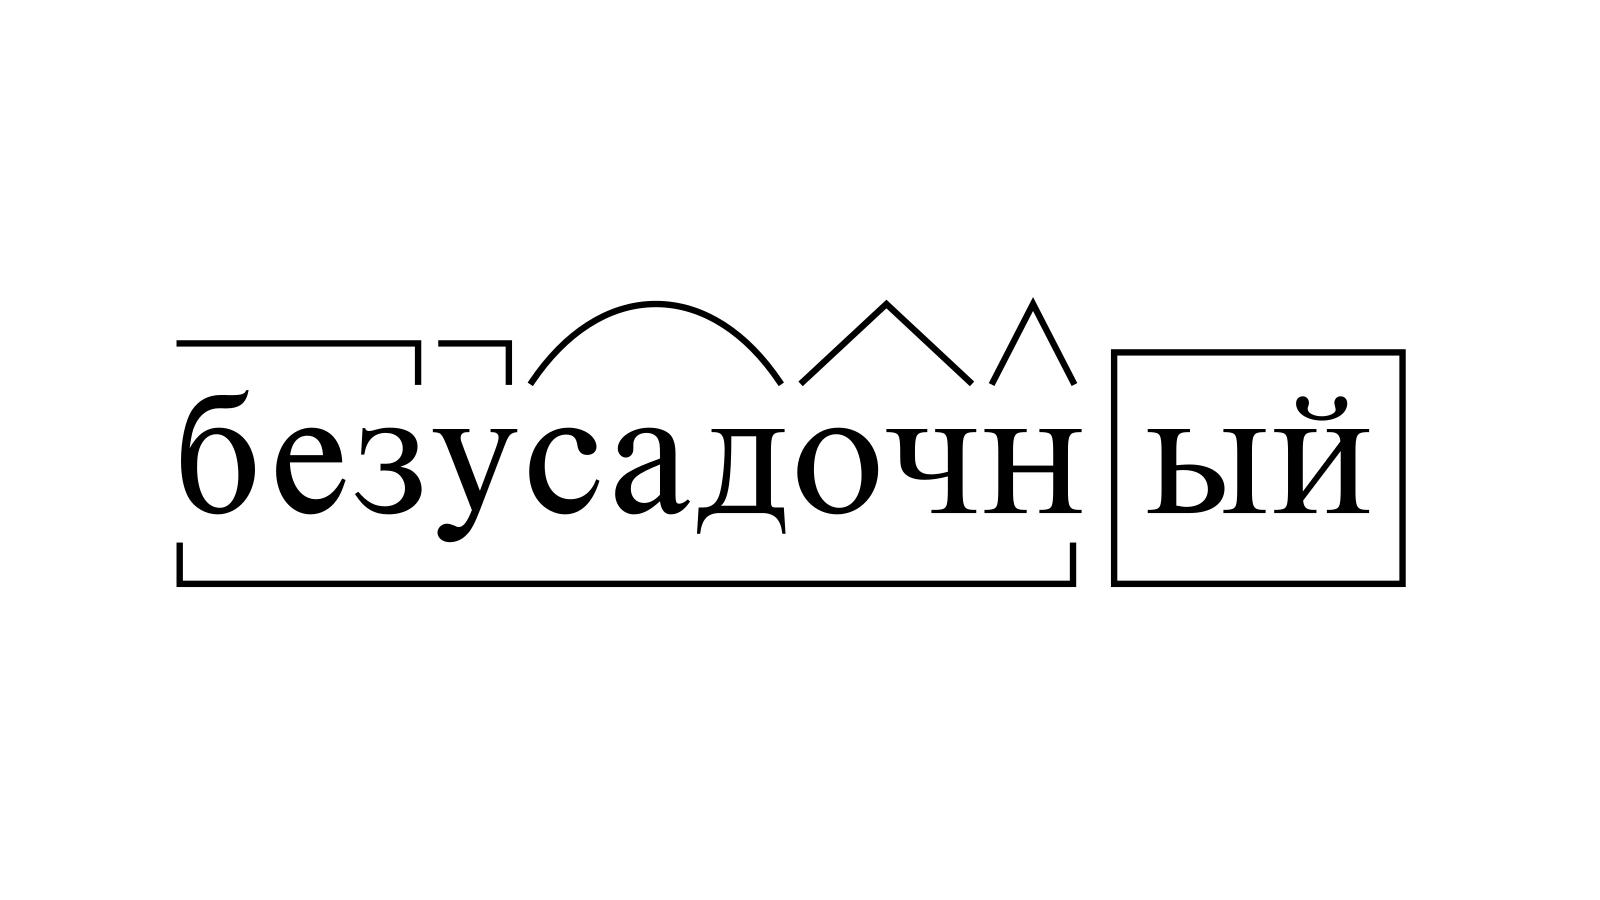 Разбор слова «безусадочный» по составу